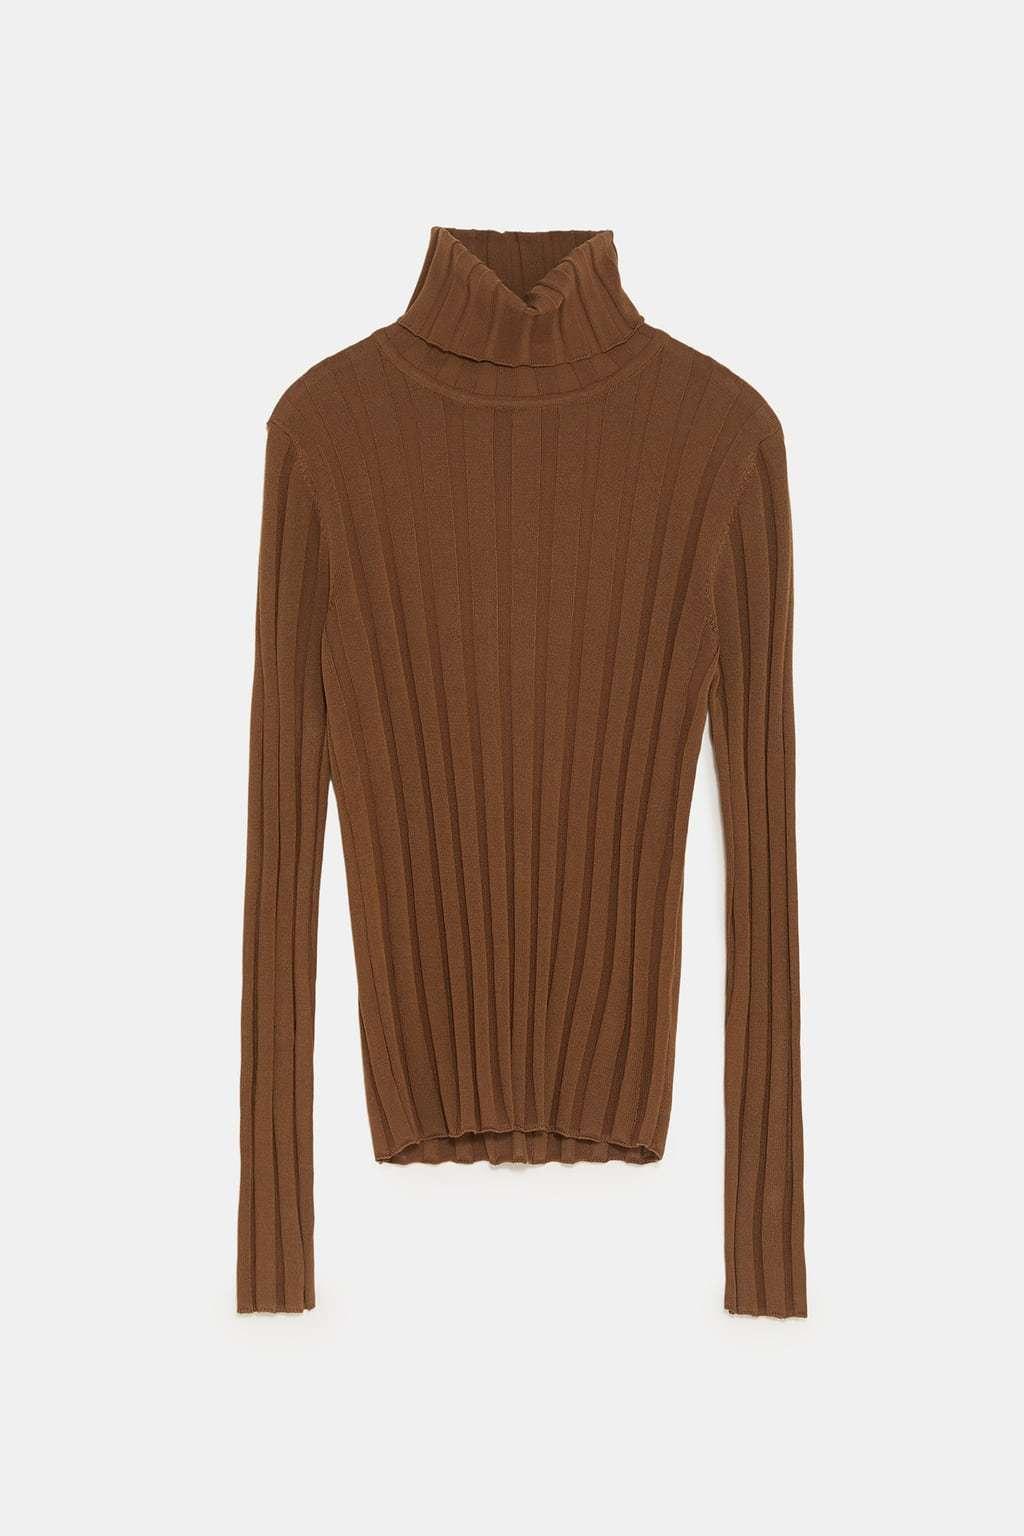 Jersey de punto canalé y cuello alto, de Zara (25,95 euros).